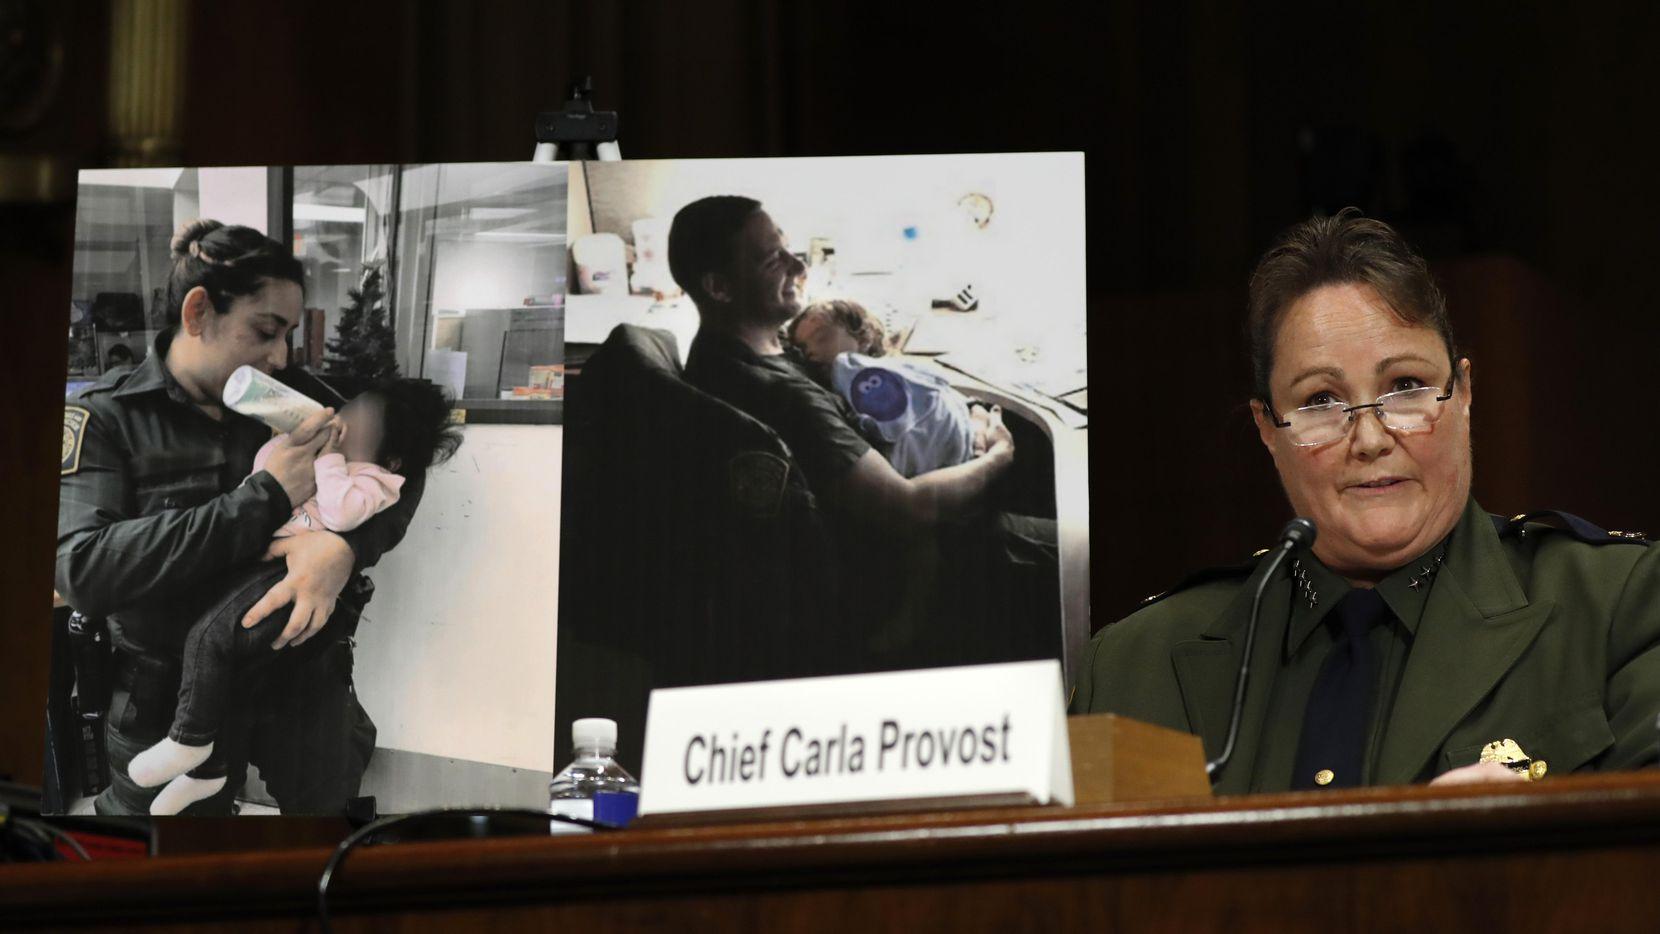 La jefa de la Patrulla Fronteriza Carla Provost testificó ante el Congreso el miércoles. (AP/Jacquelyn Martin)